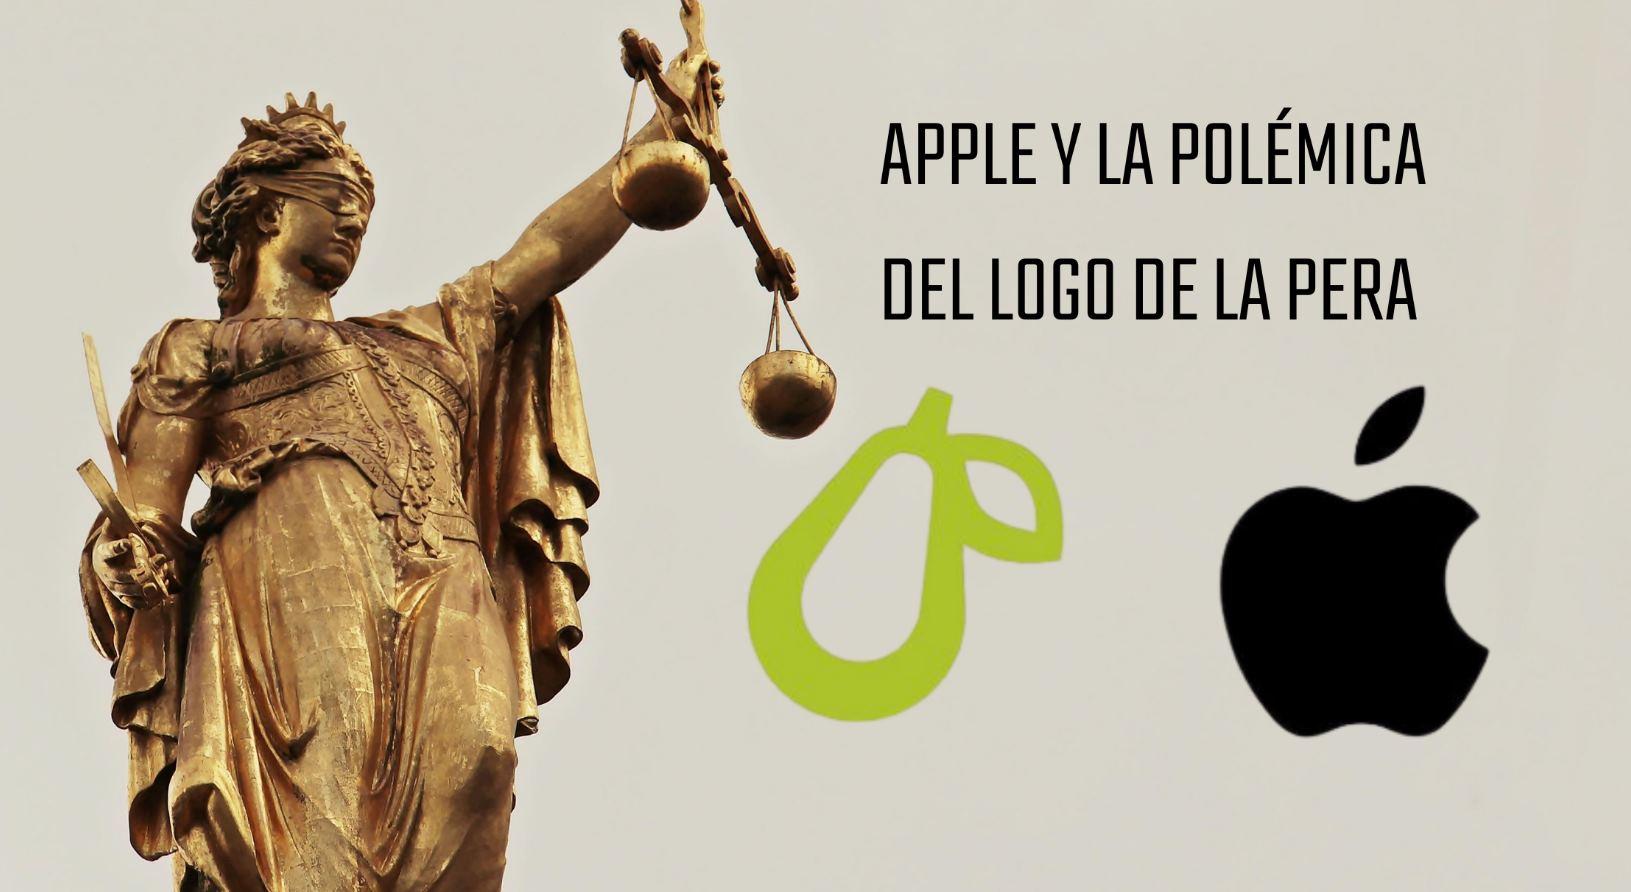 Apple solicita retirada de logo de pera de una app por parecerse a su manzana